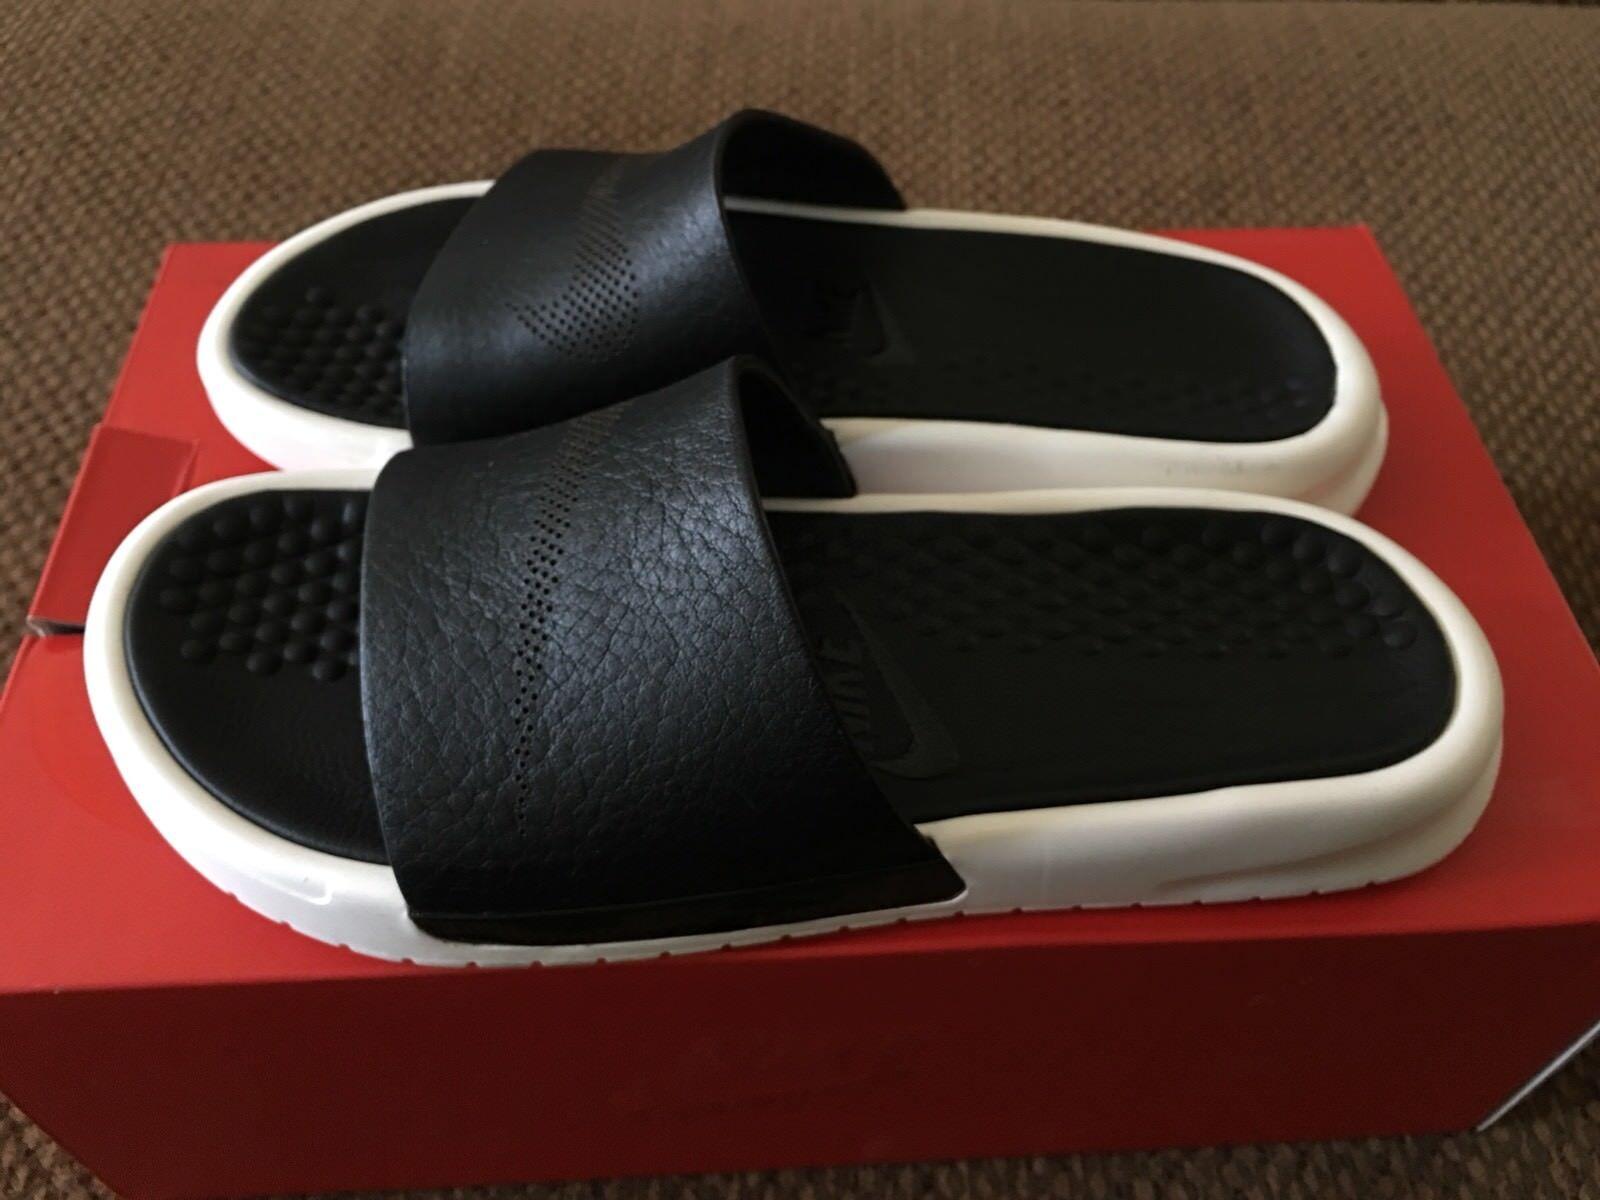 Donne  65533;s Nike Benassi Lux Slides Dimensione 5 Brand Sandali  per il tuo stile di gioco ai prezzi più bassi